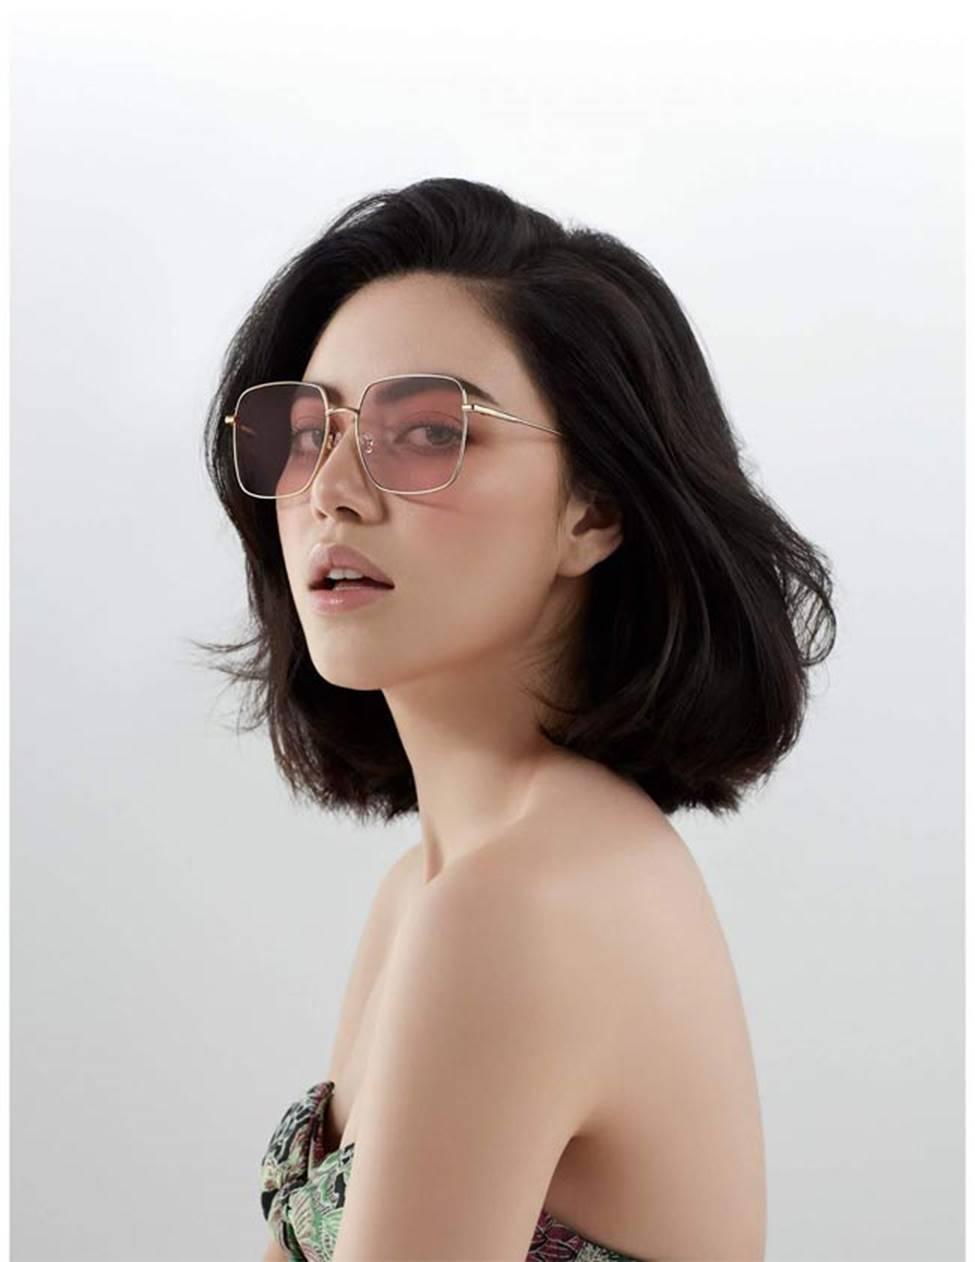 Học ma nữ đẹp nhất Thái Lan cắt phăng tóc dài, để 1001 kiểu tóc ngắn quyến rũ-12